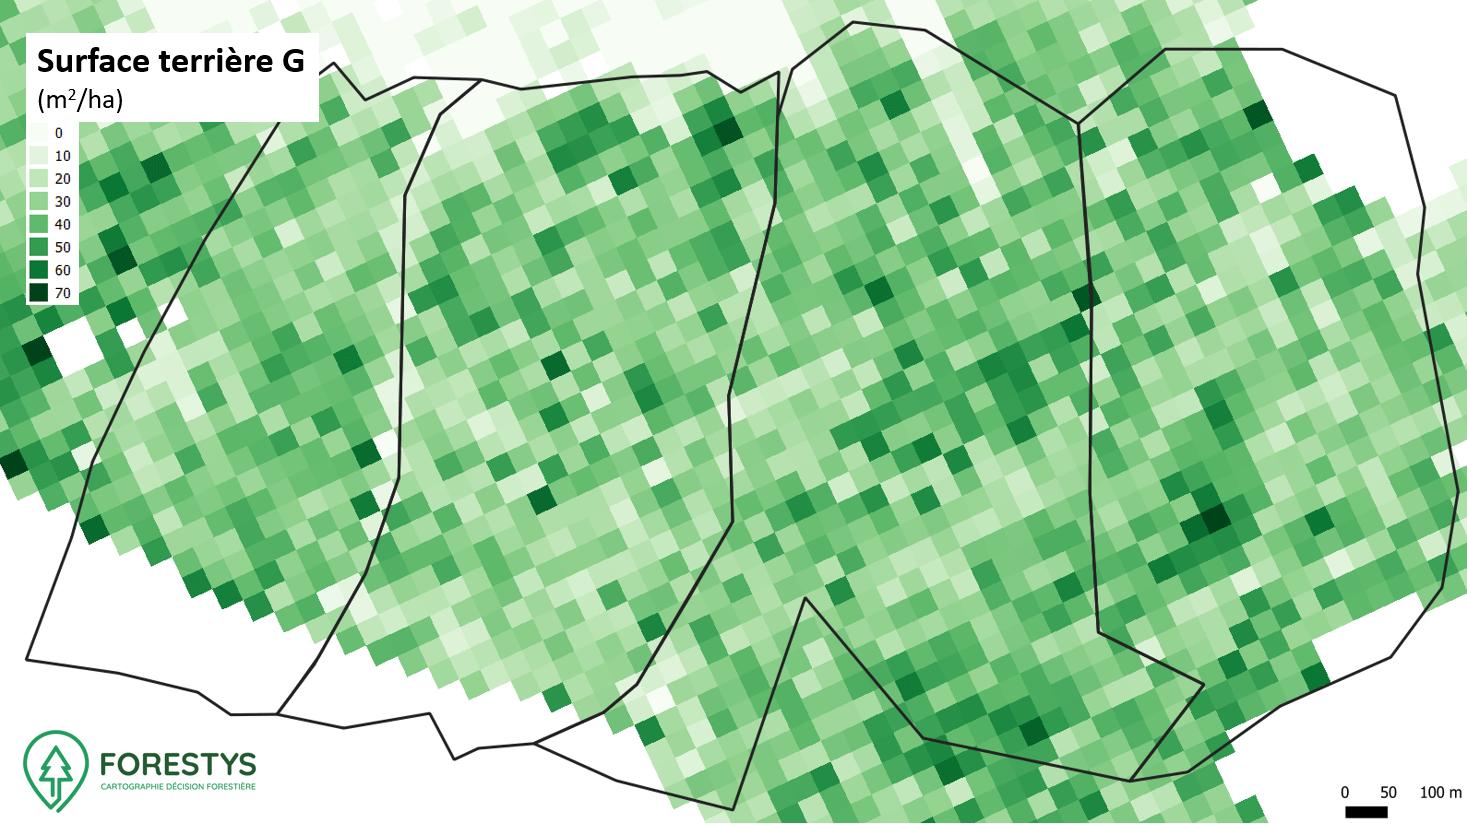 Carte de surface terrière. Inventaire spatialisé lidar